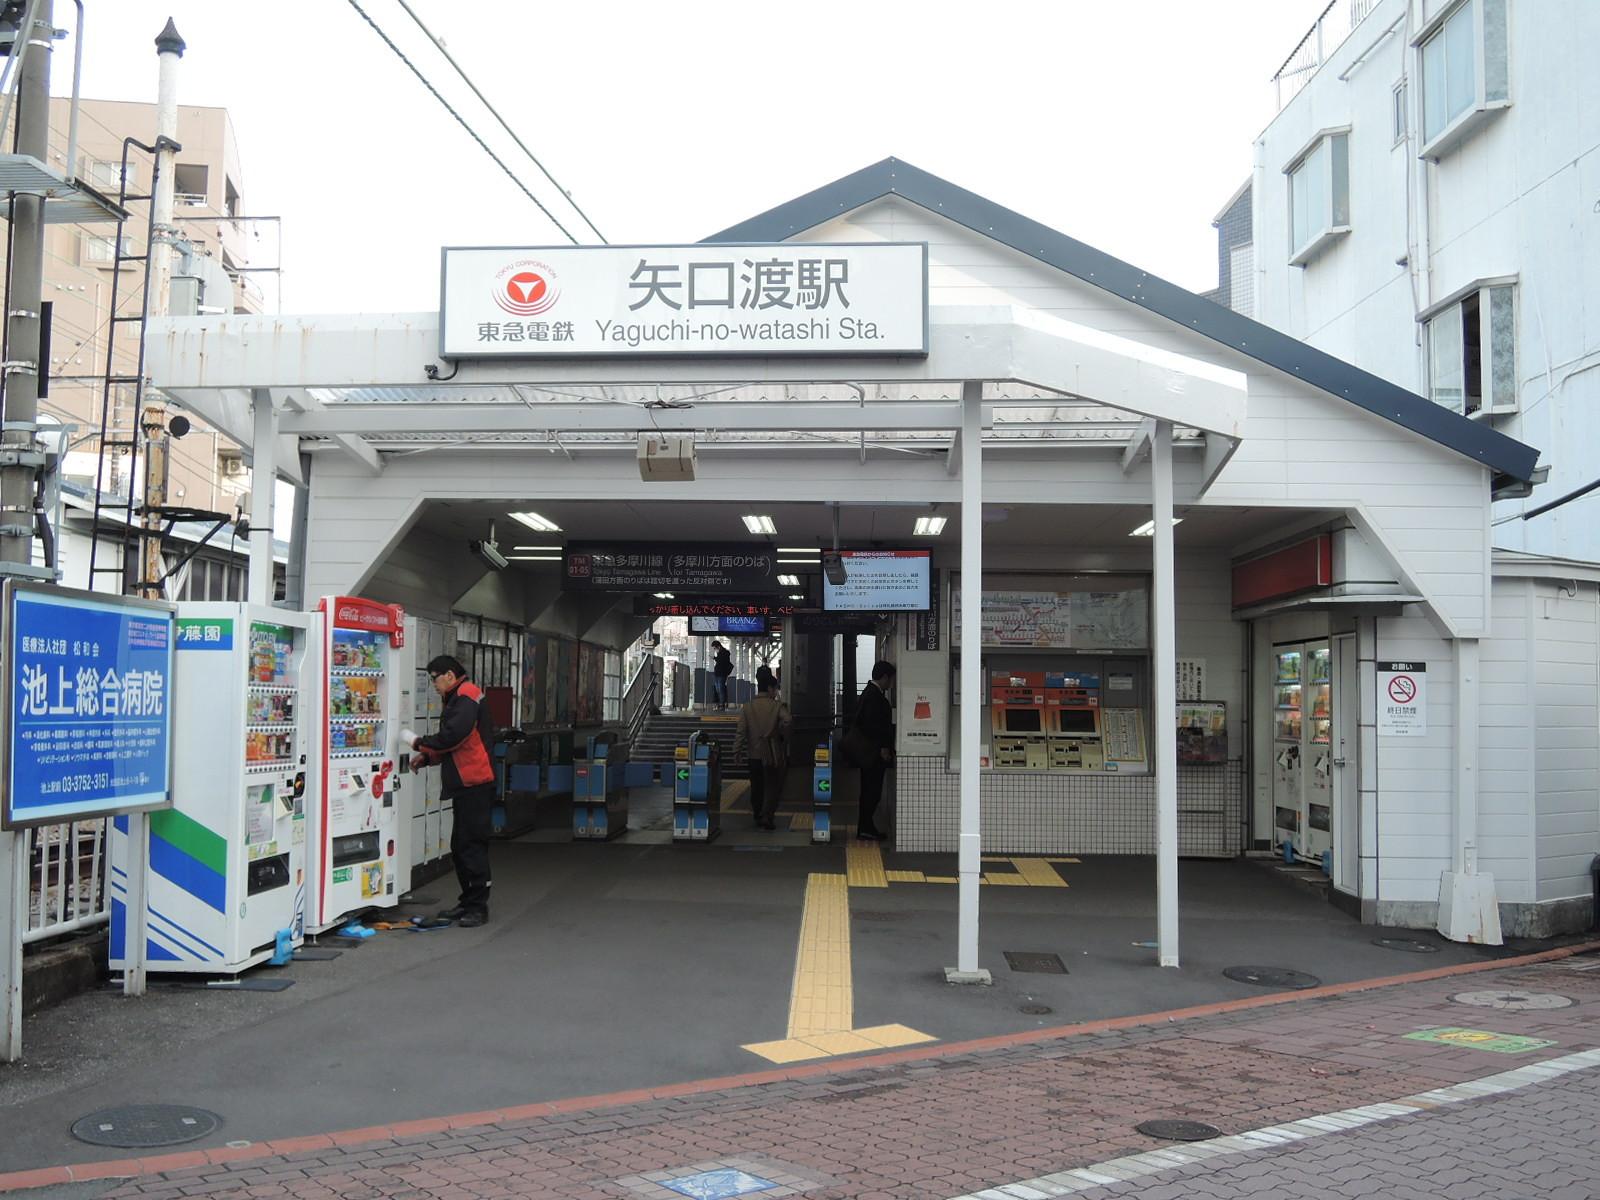 こちらも利用可能。東急多摩川線「矢口渡」駅